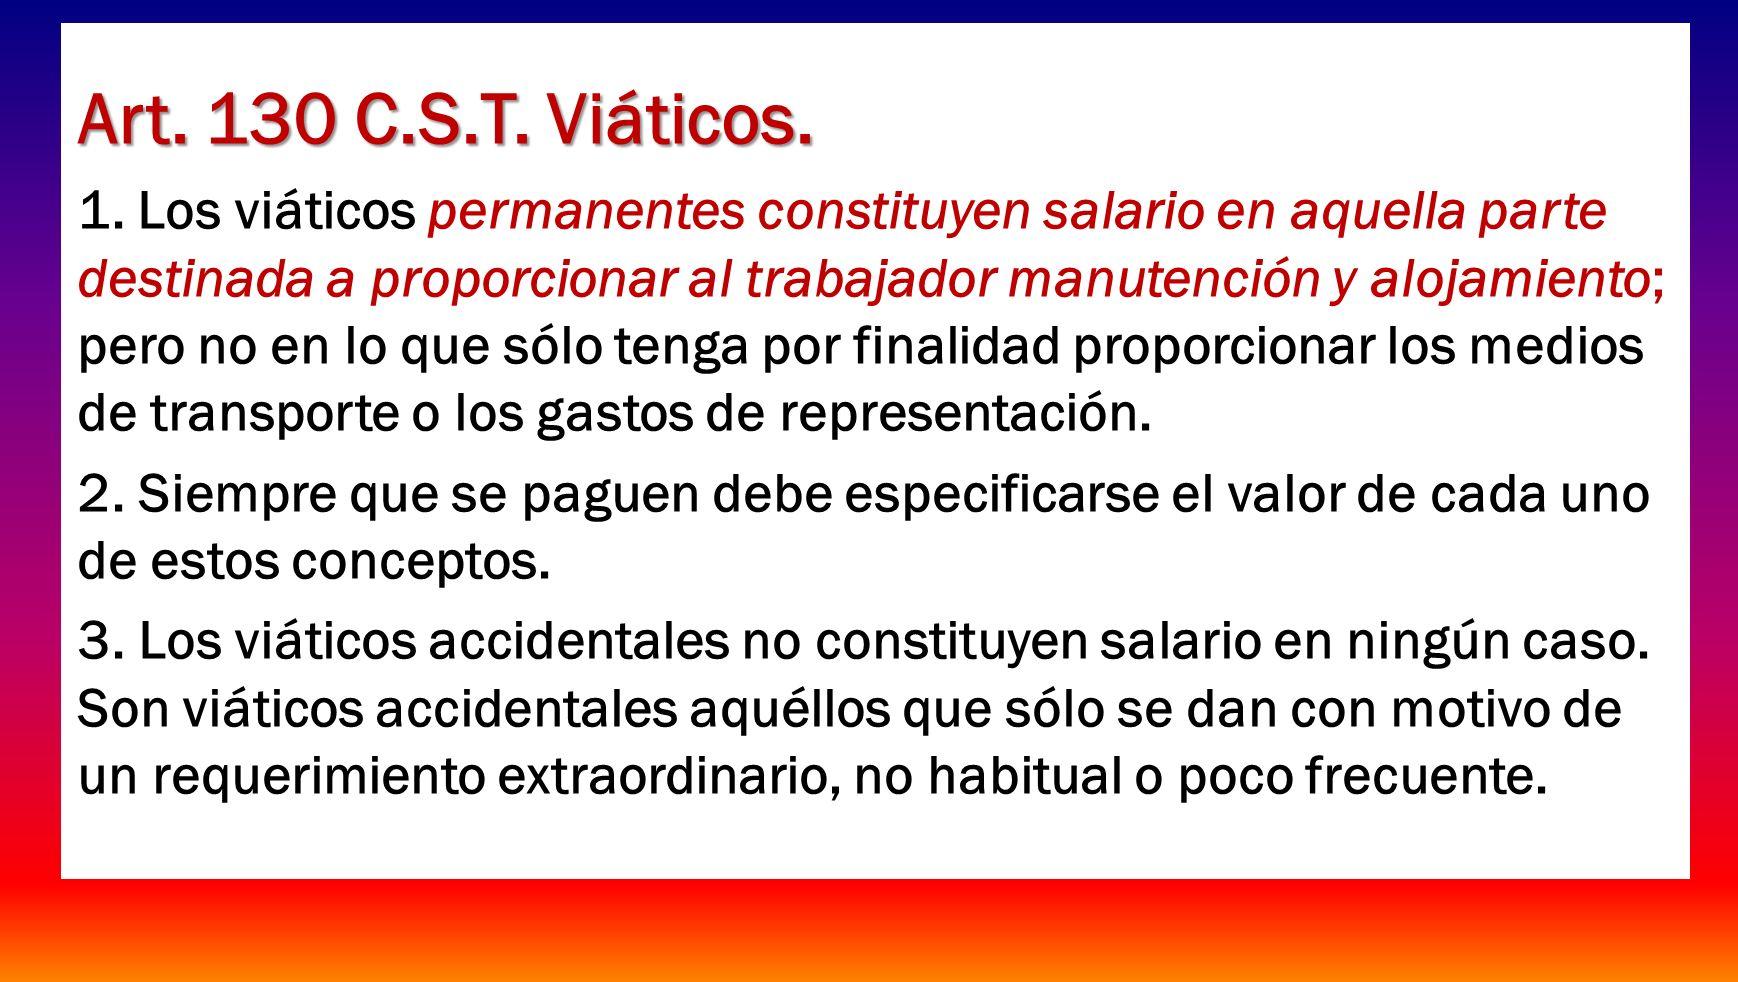 Art. 130 C.S.T. Viáticos.